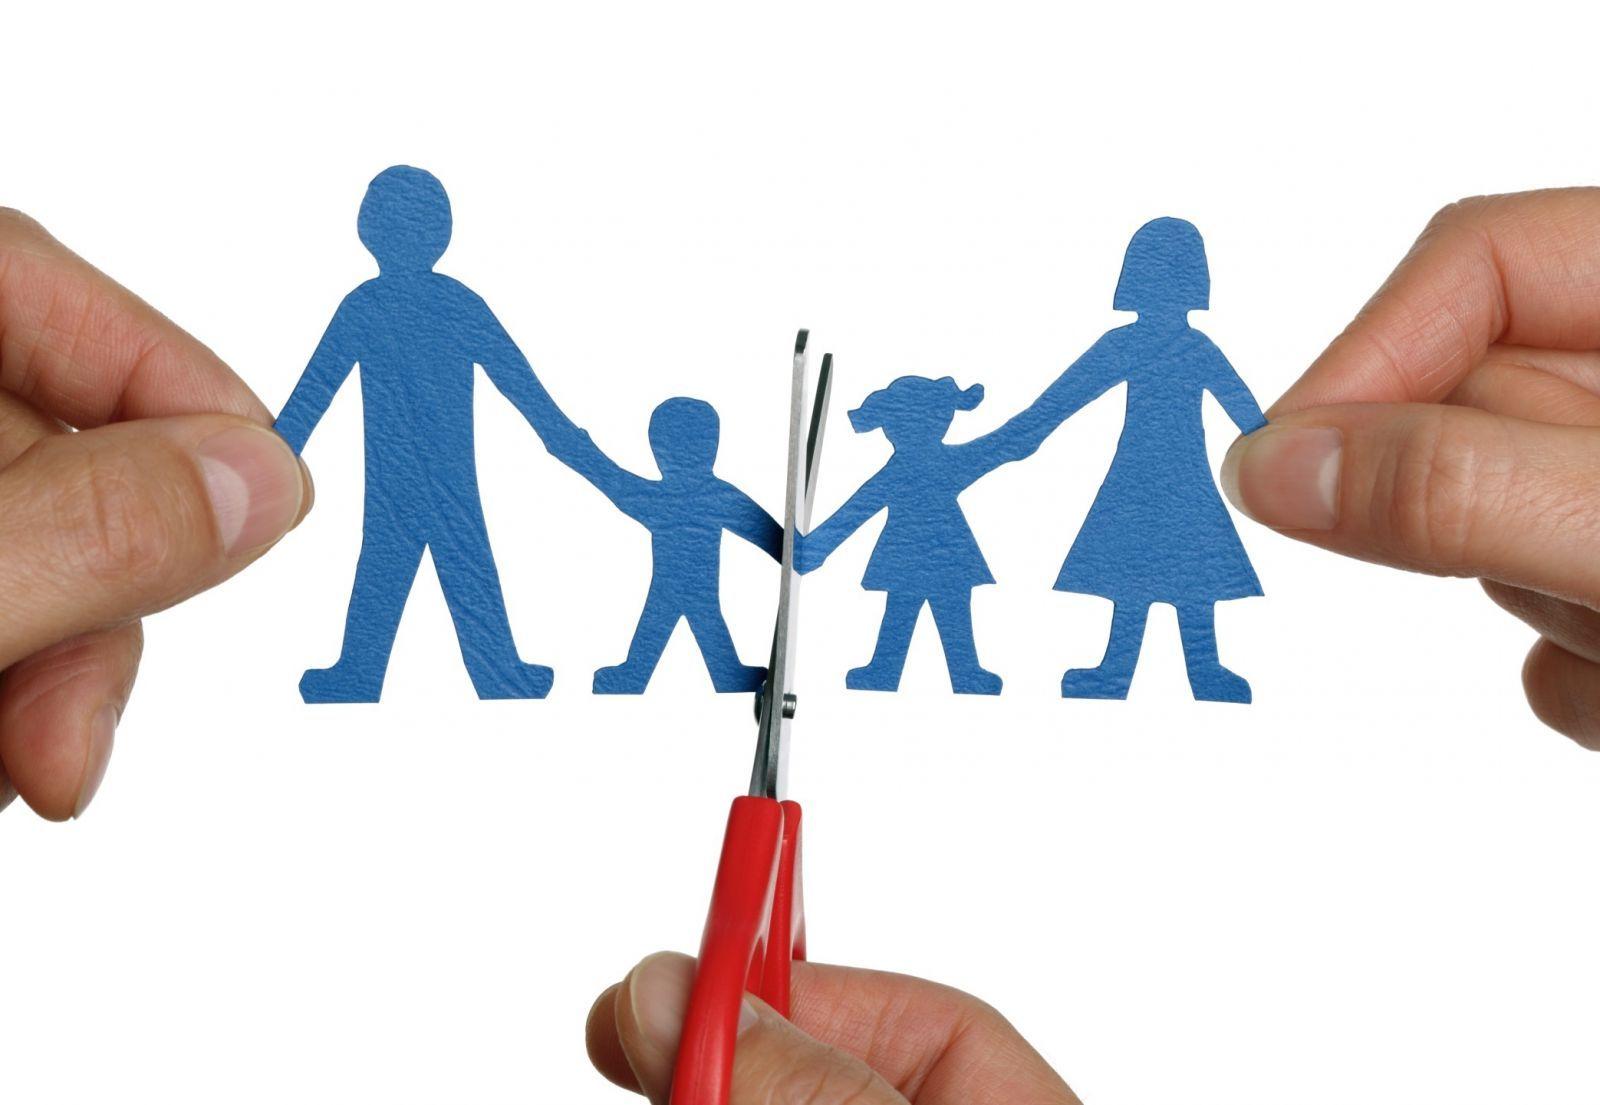 Boşanmış Aile Çocuklarının Psikolojisi… Boşanmış Ailelerin Çocukları da Boşanır mı?